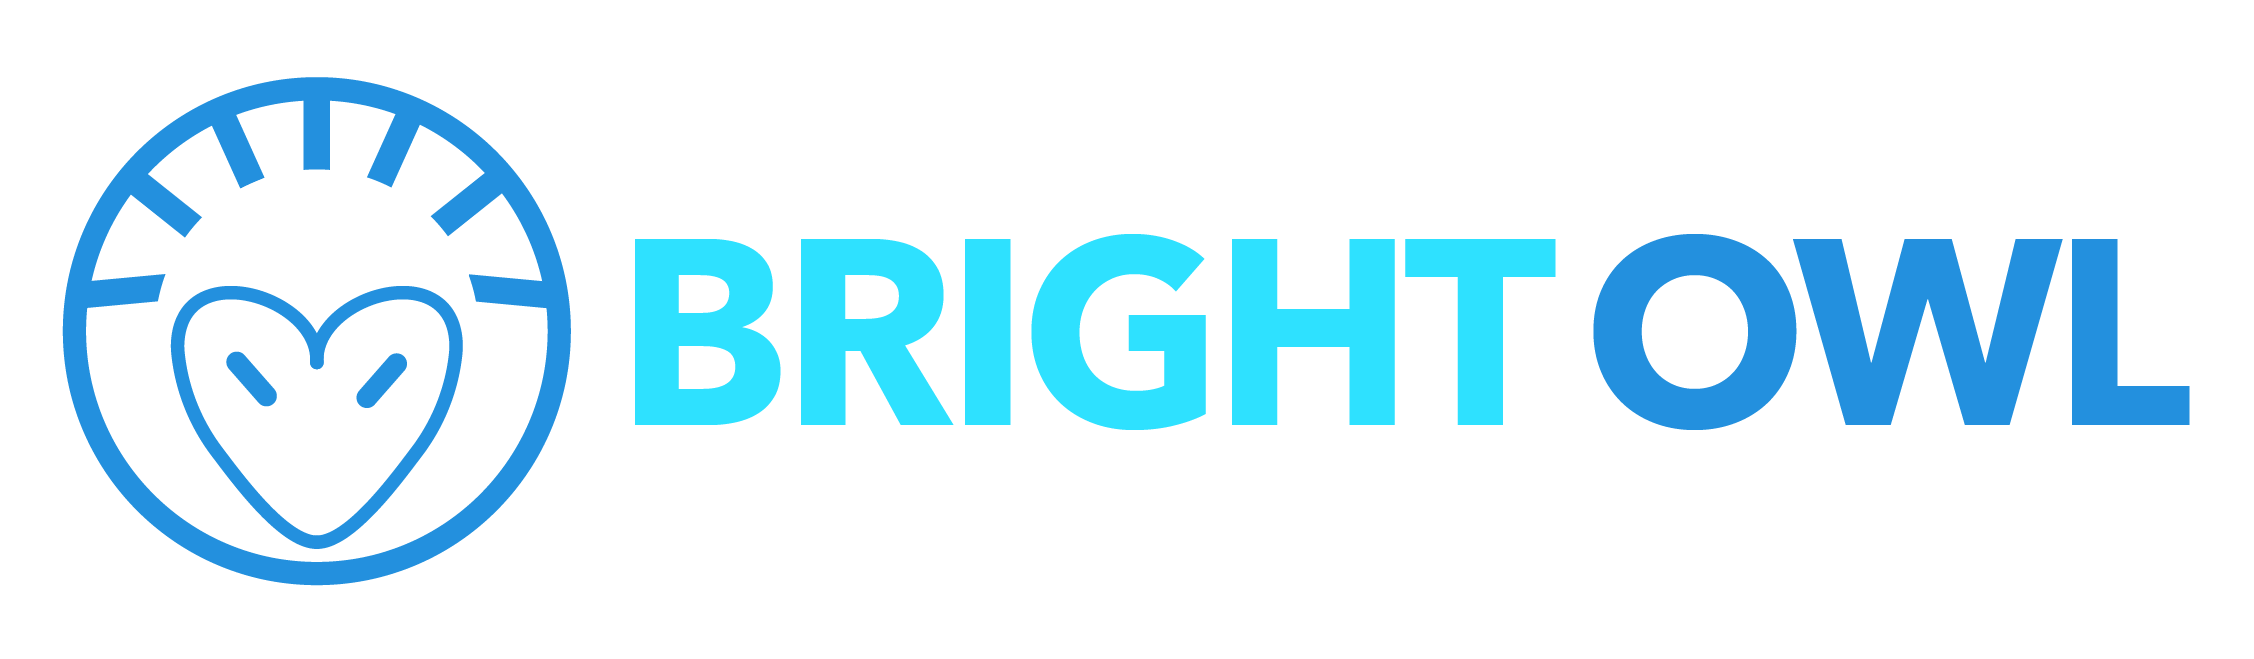 Bright Owl Digital